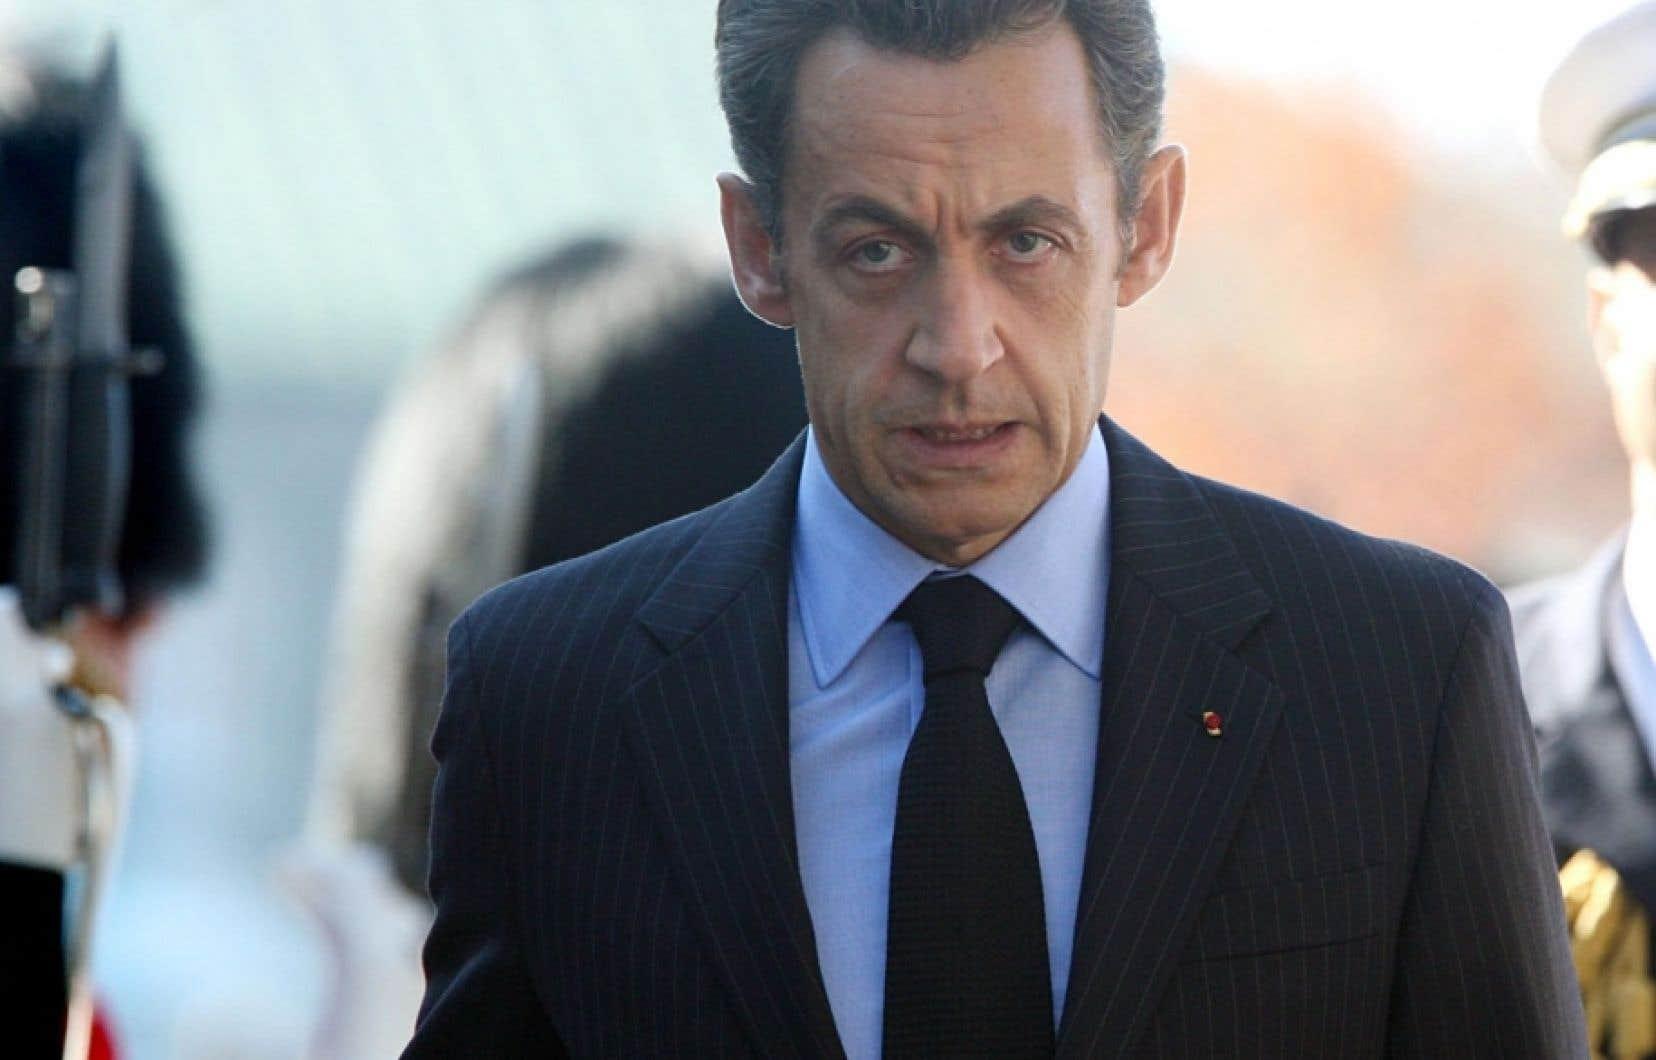 Selon ce que rapportent certains médias français, c'est la première fois dans l'histoire de la Ve République qu'un ancien chef de l'État est en garde à vue. En l'occurrence, Nicolas Sarkozy.